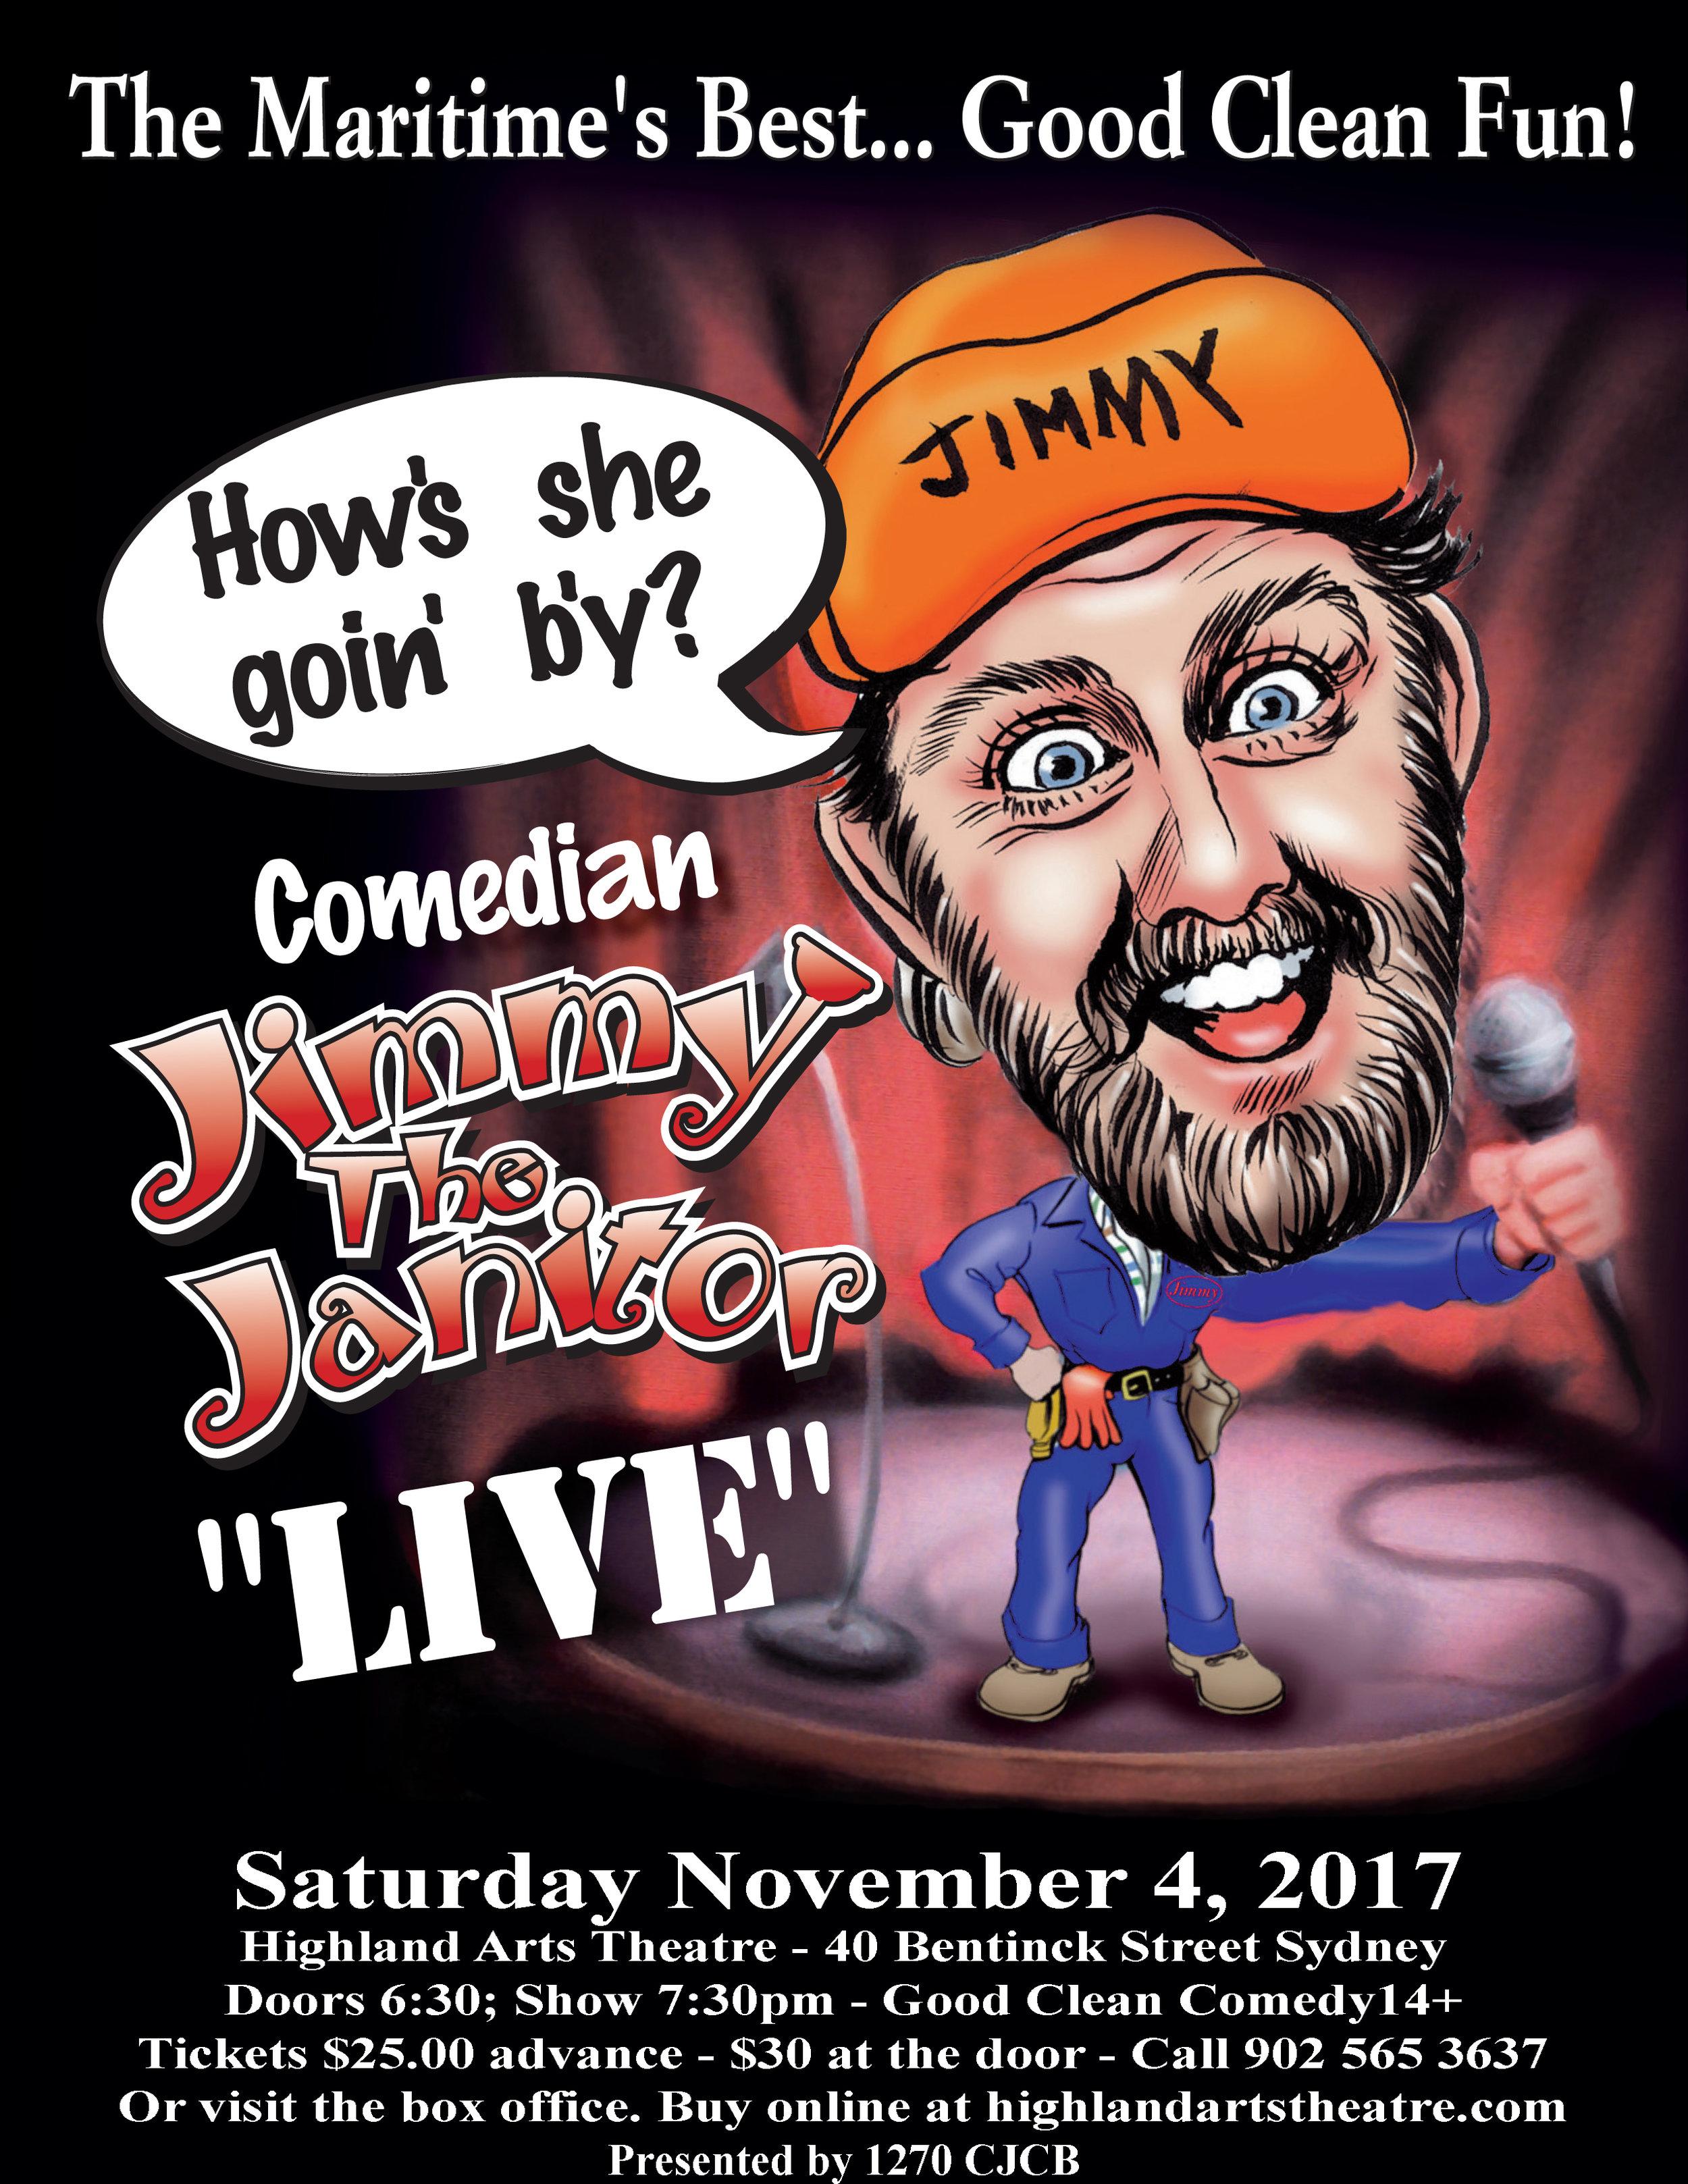 Jimmy Janitor Saturday Nov 4 2017 Sydney Poster Revised.jpg